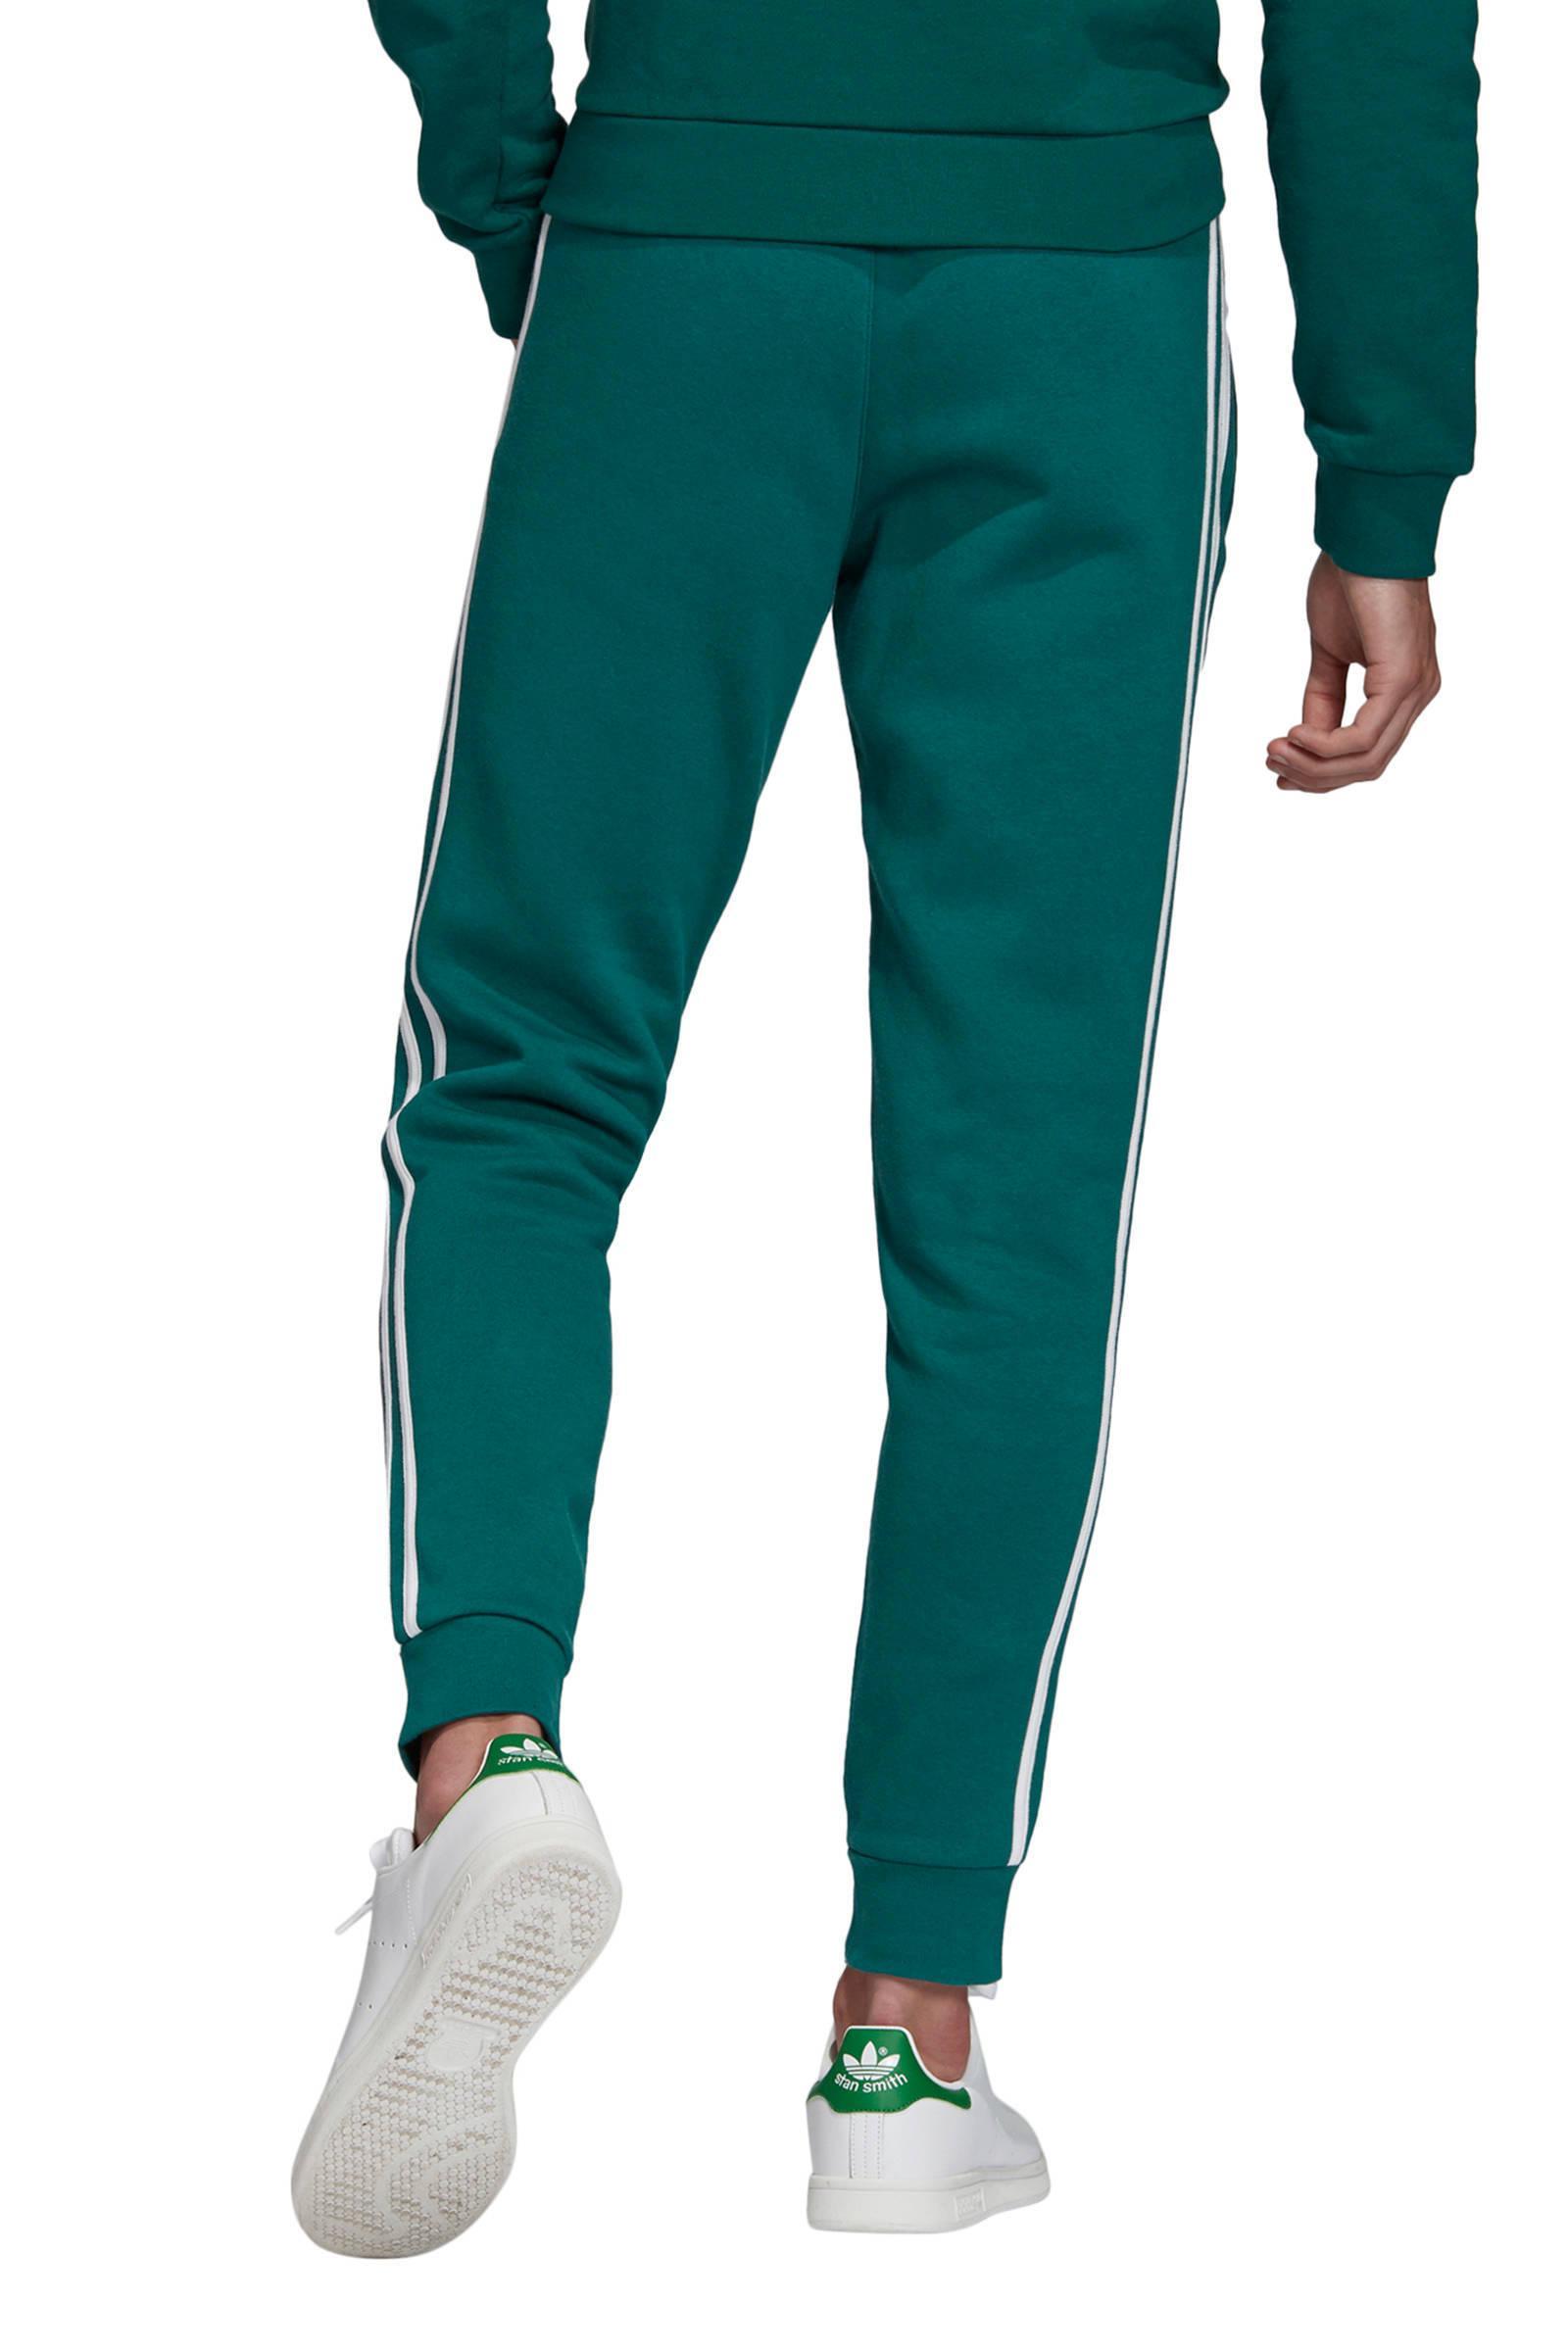 adidas Originals joggingbroek Groen in het Groen voor heren